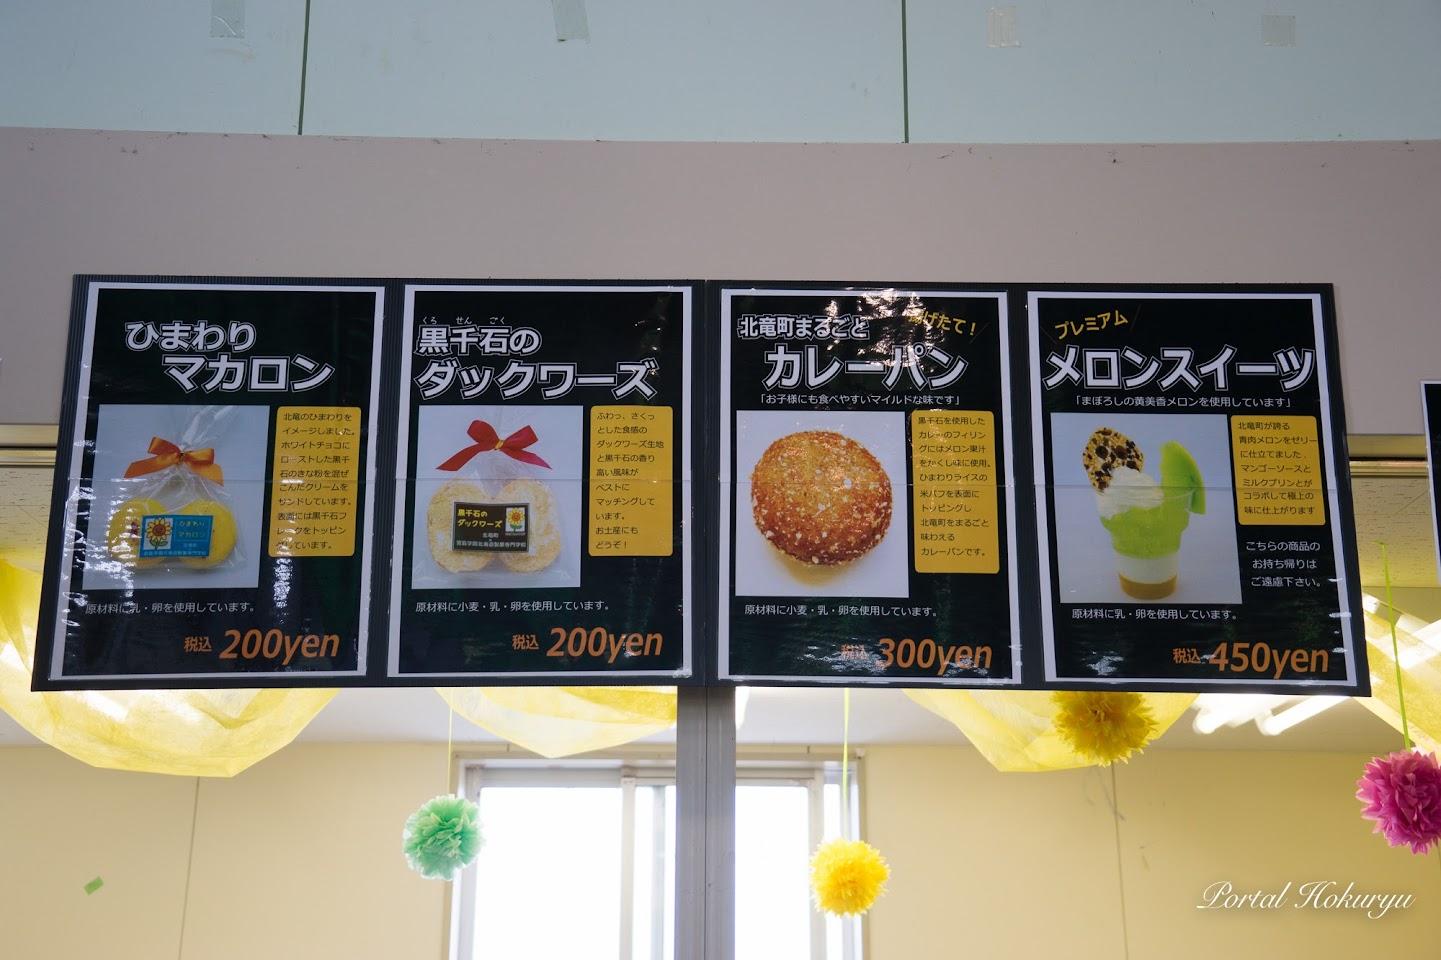 カレーパンやスイーツなど4つの商品